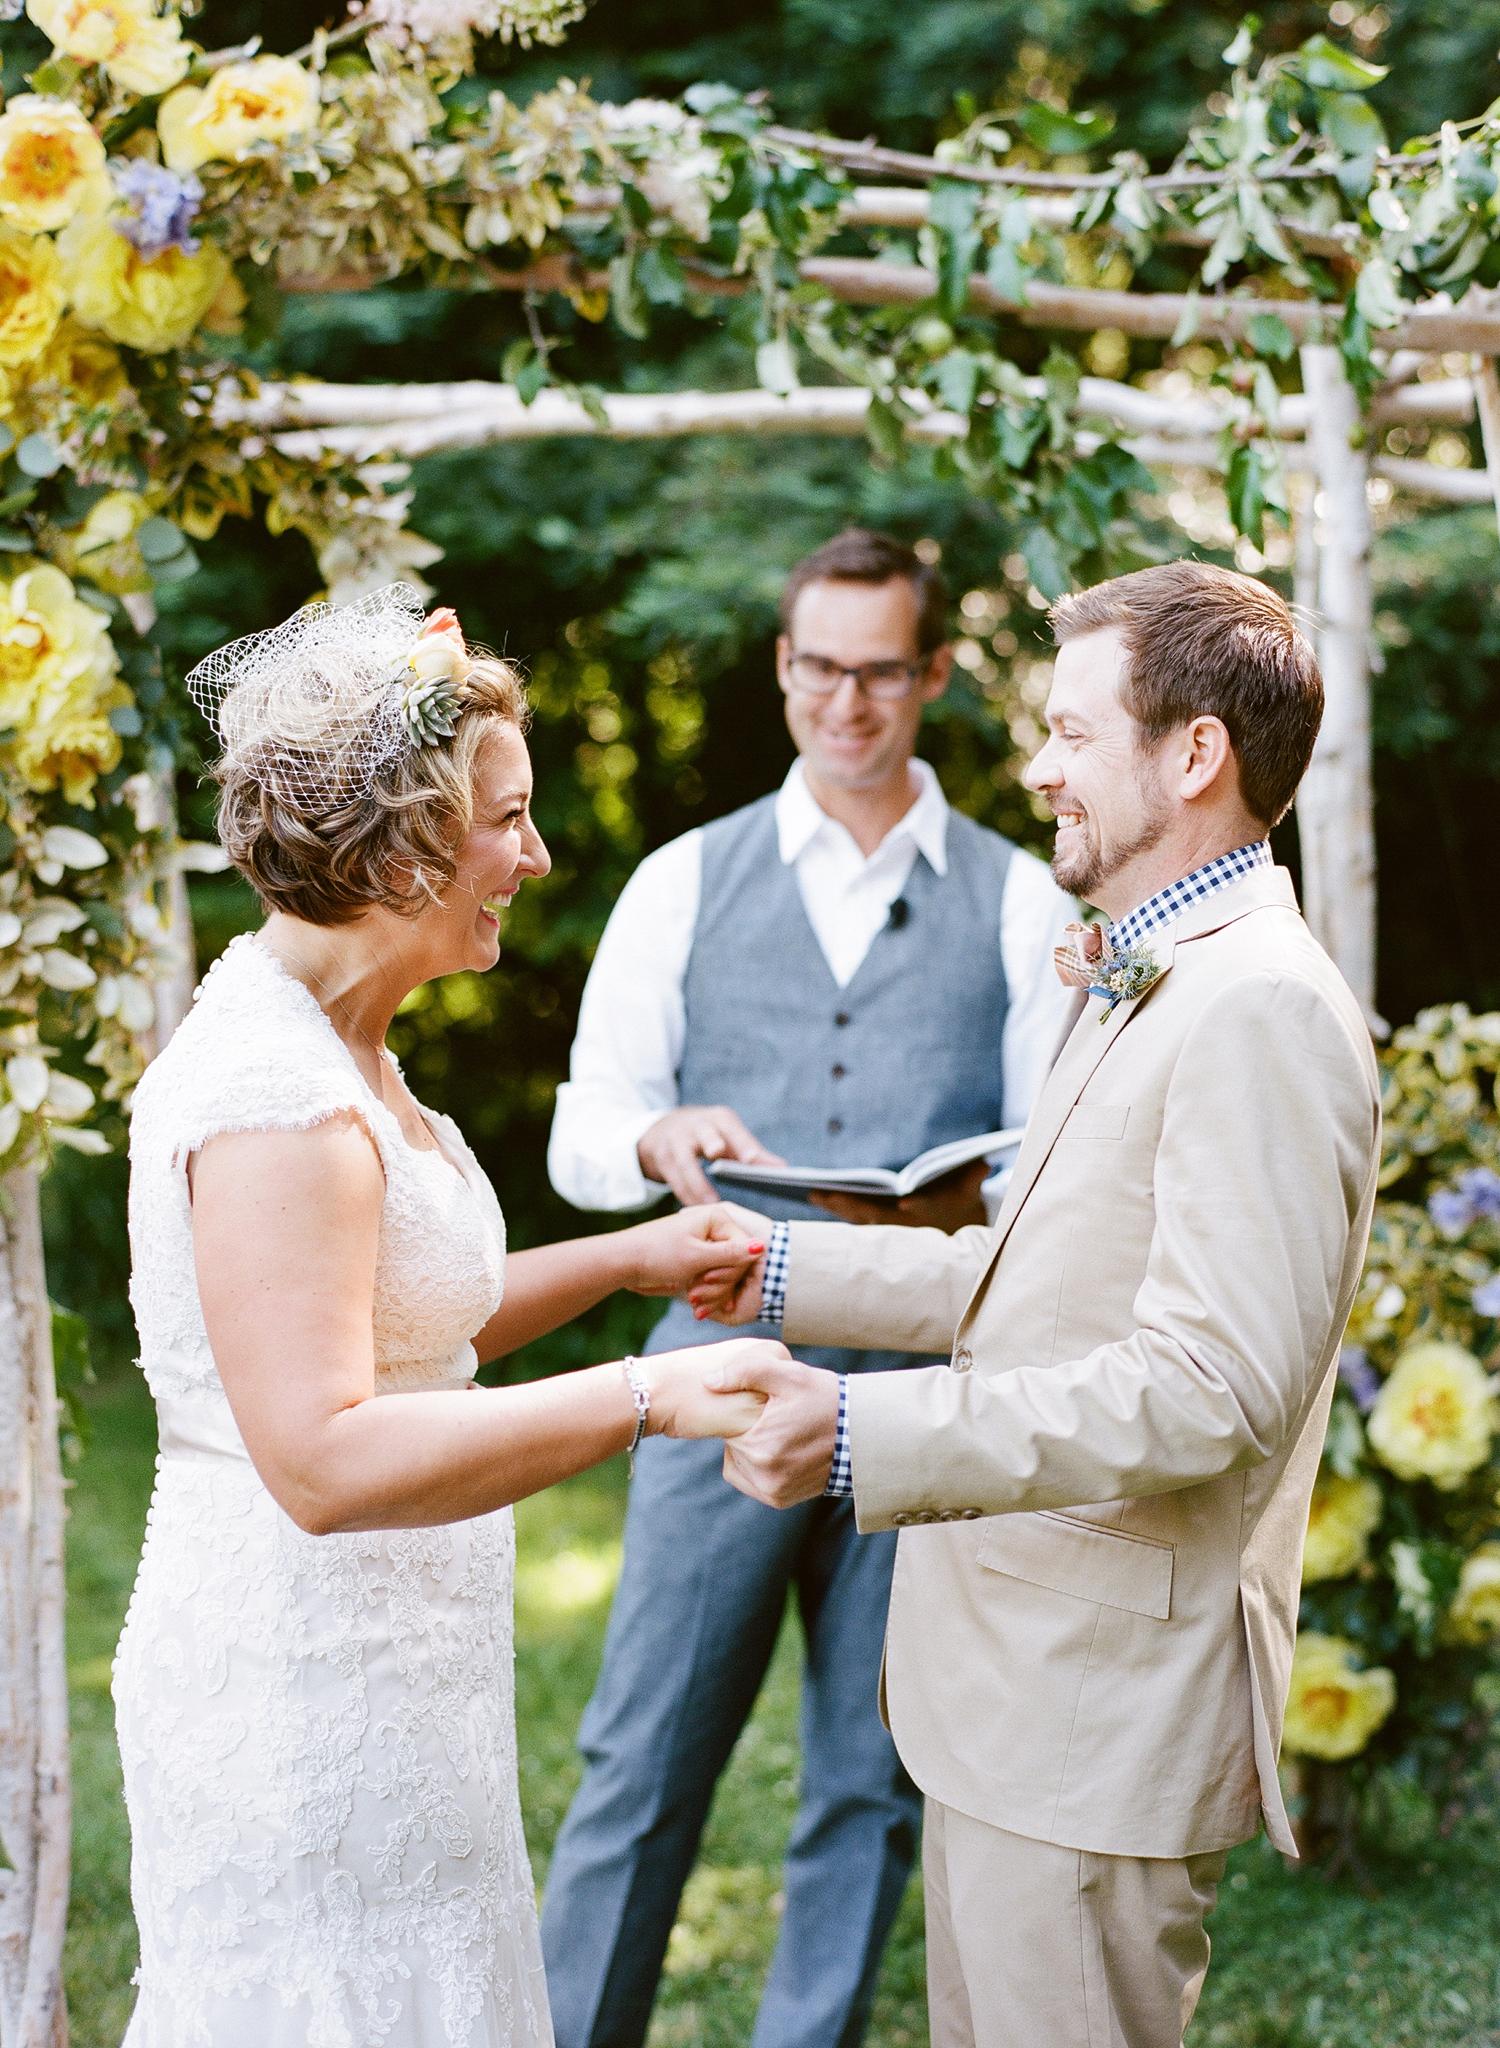 20-bride-groom-just-married.jpg